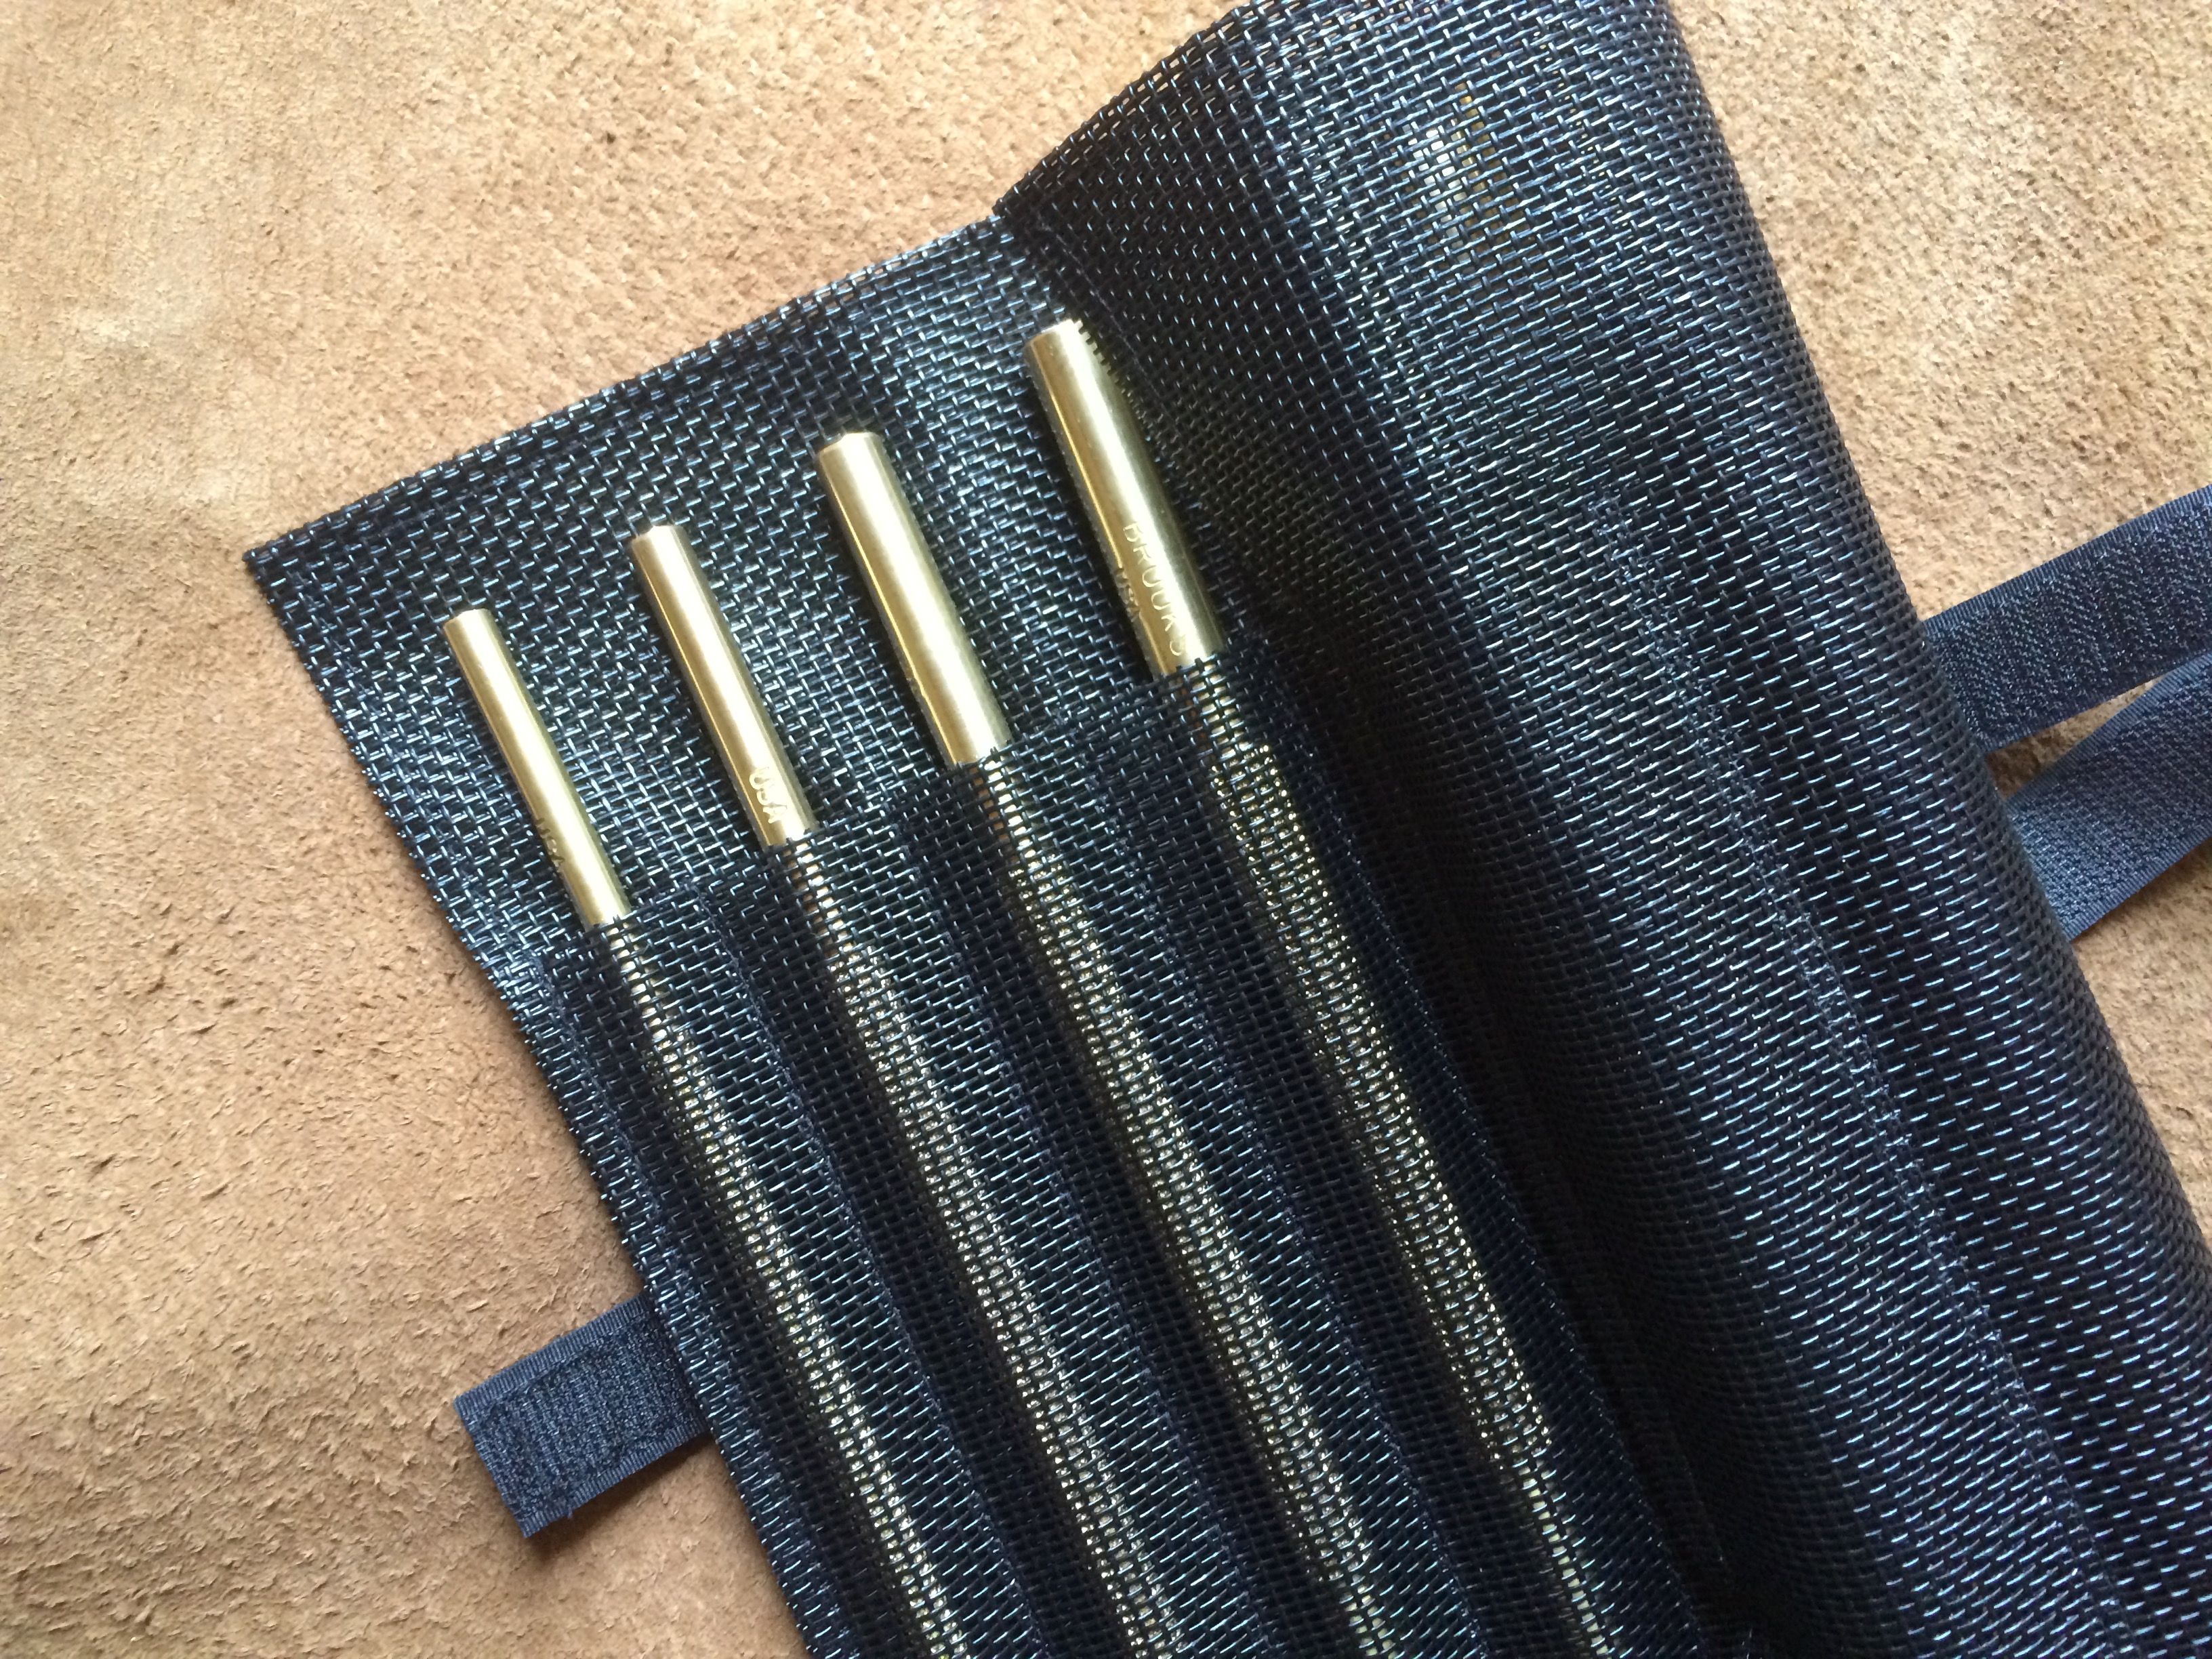 BROOKS brass drift punch kit